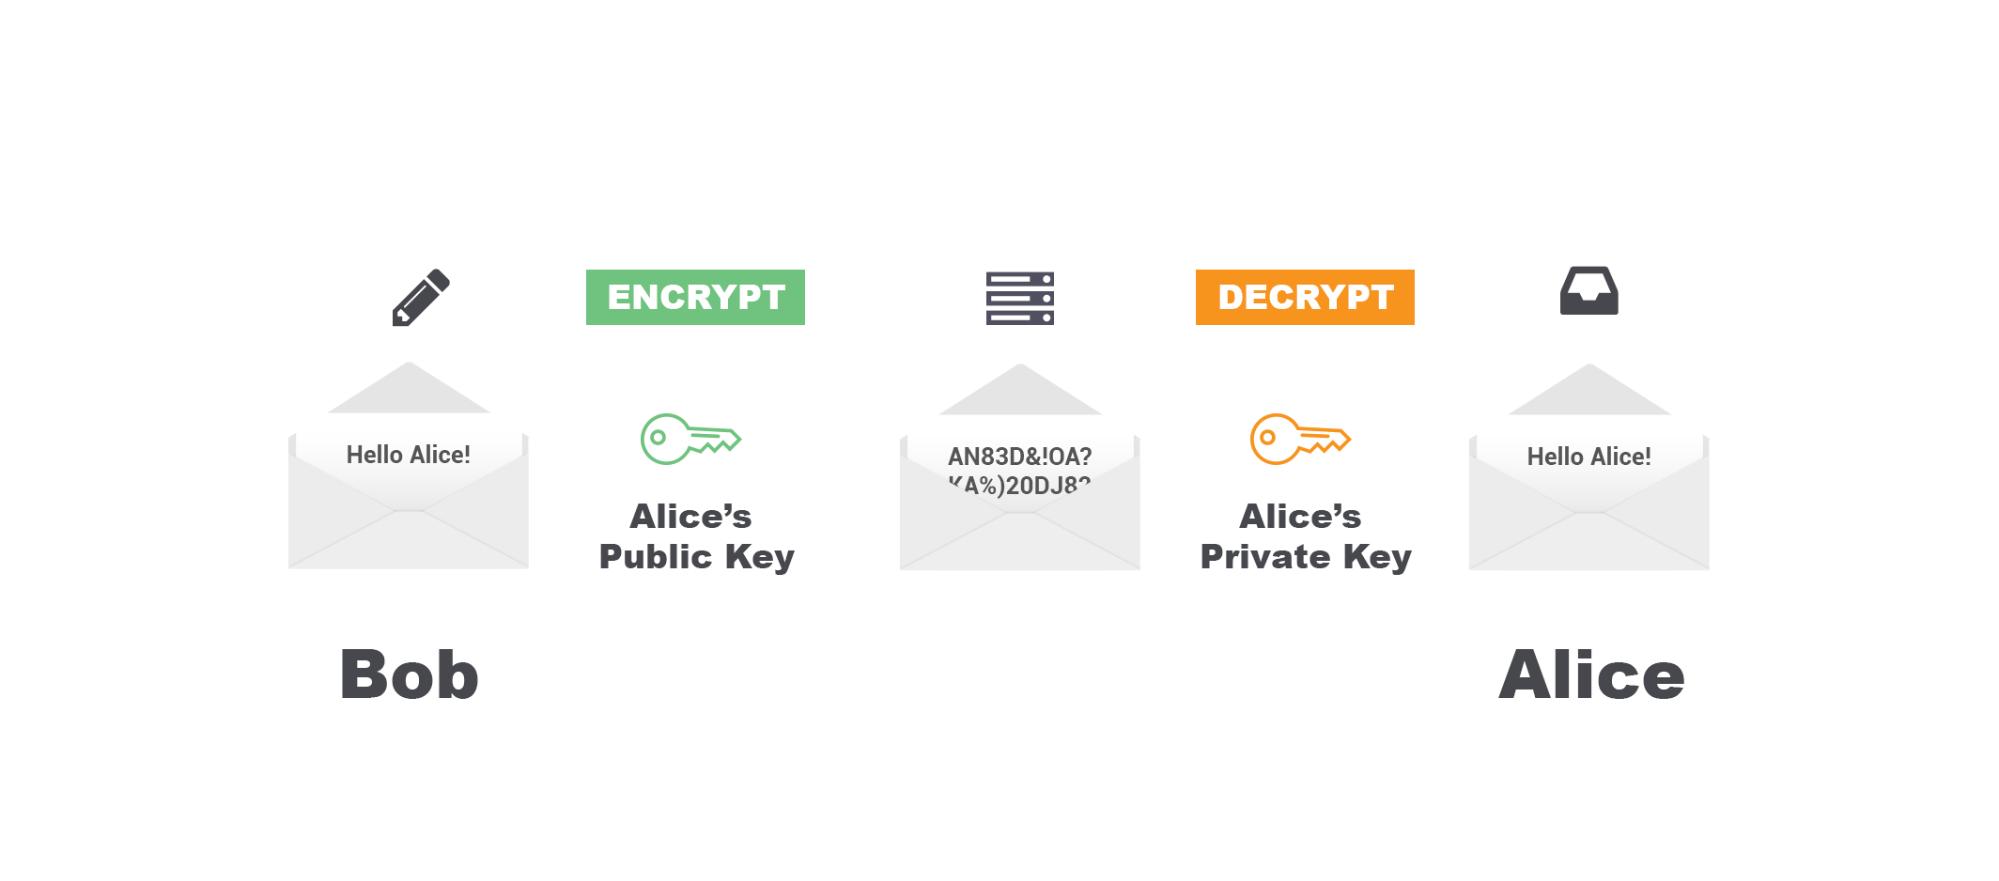 proton encryption